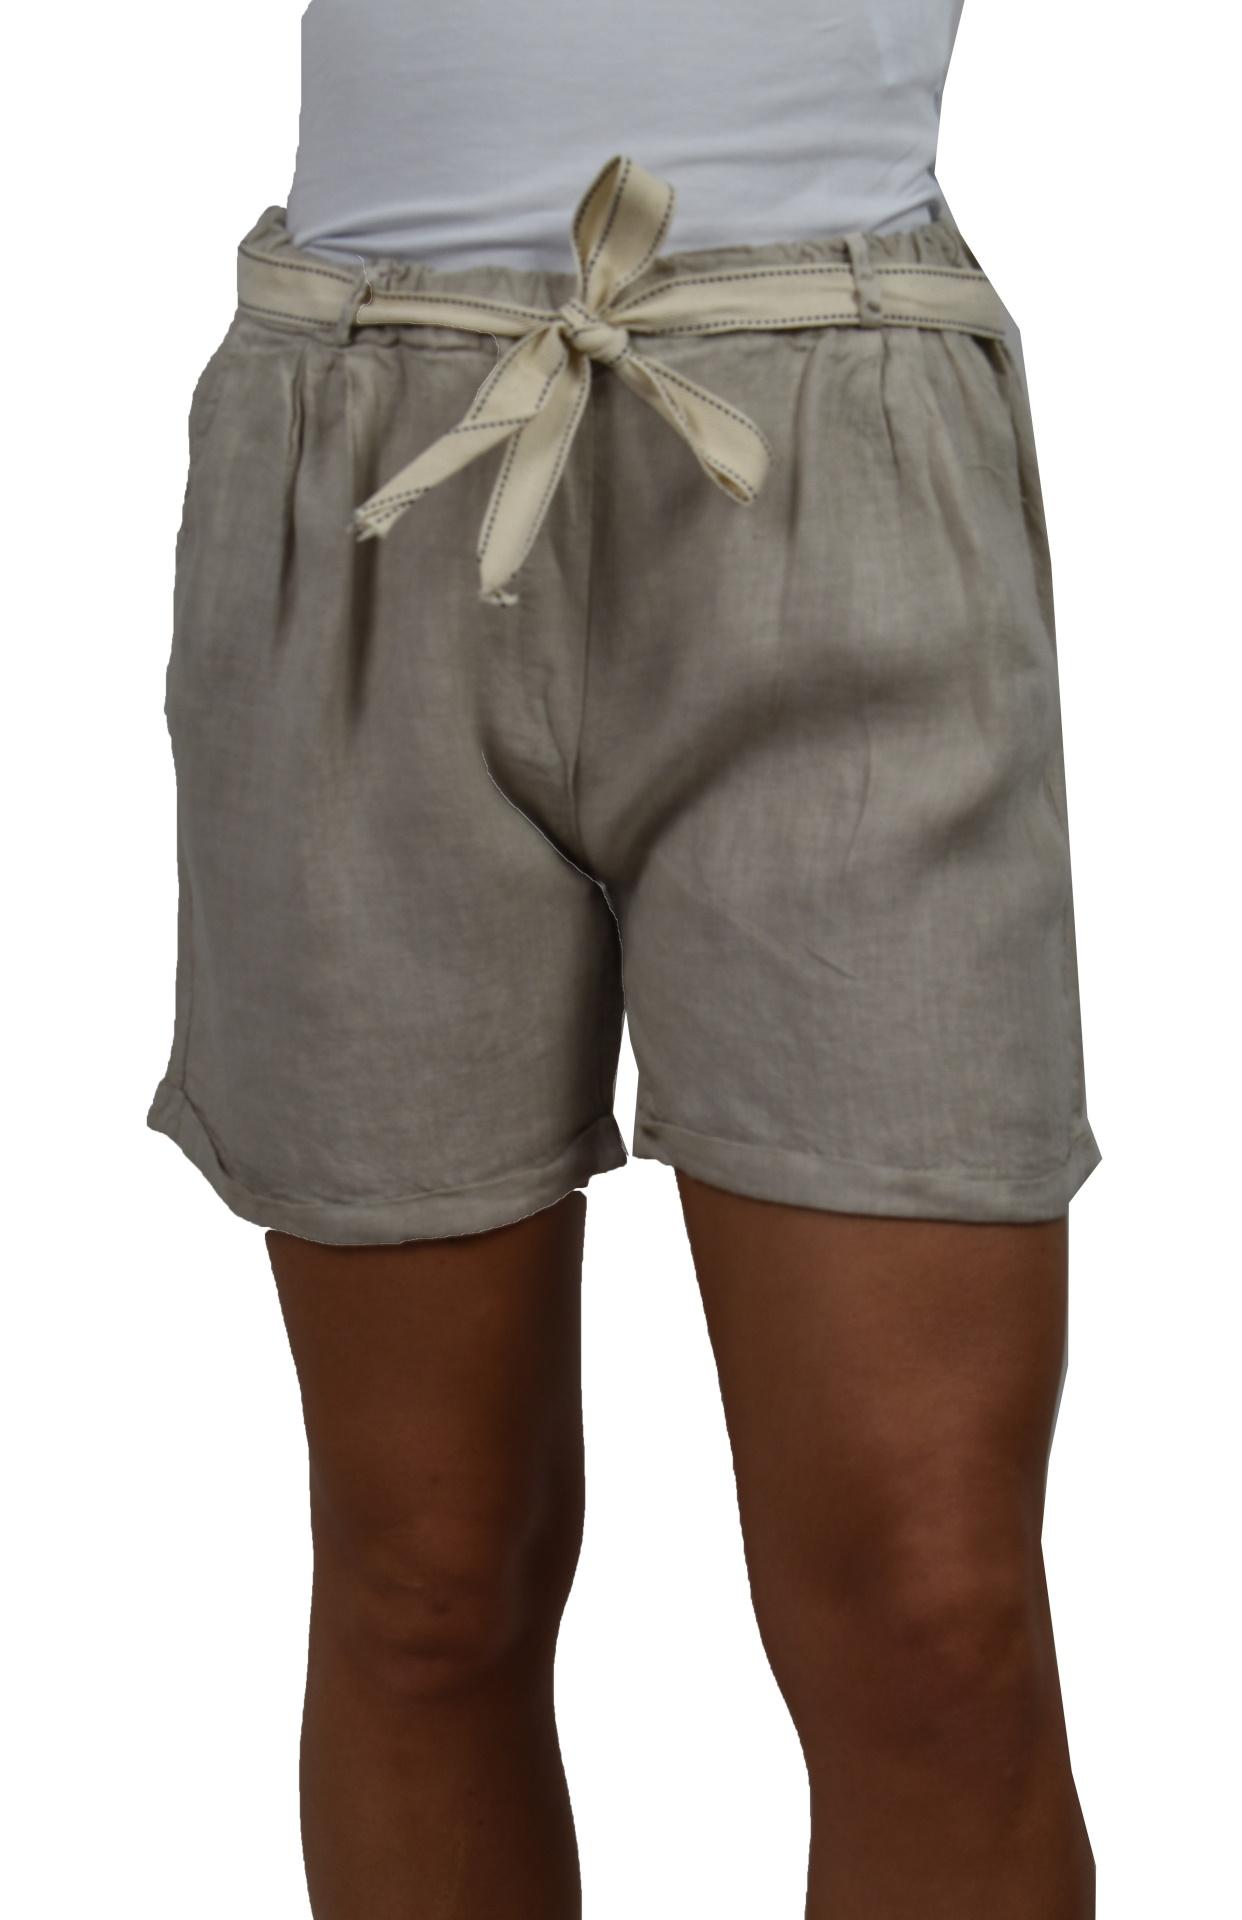 PANMAXPE2101 GRIGIO PANTALONCINO DA DONNA 100 LINO 4 1stAmerican pantaloncino da donna 100% lino Made in Italy - bermuda mare